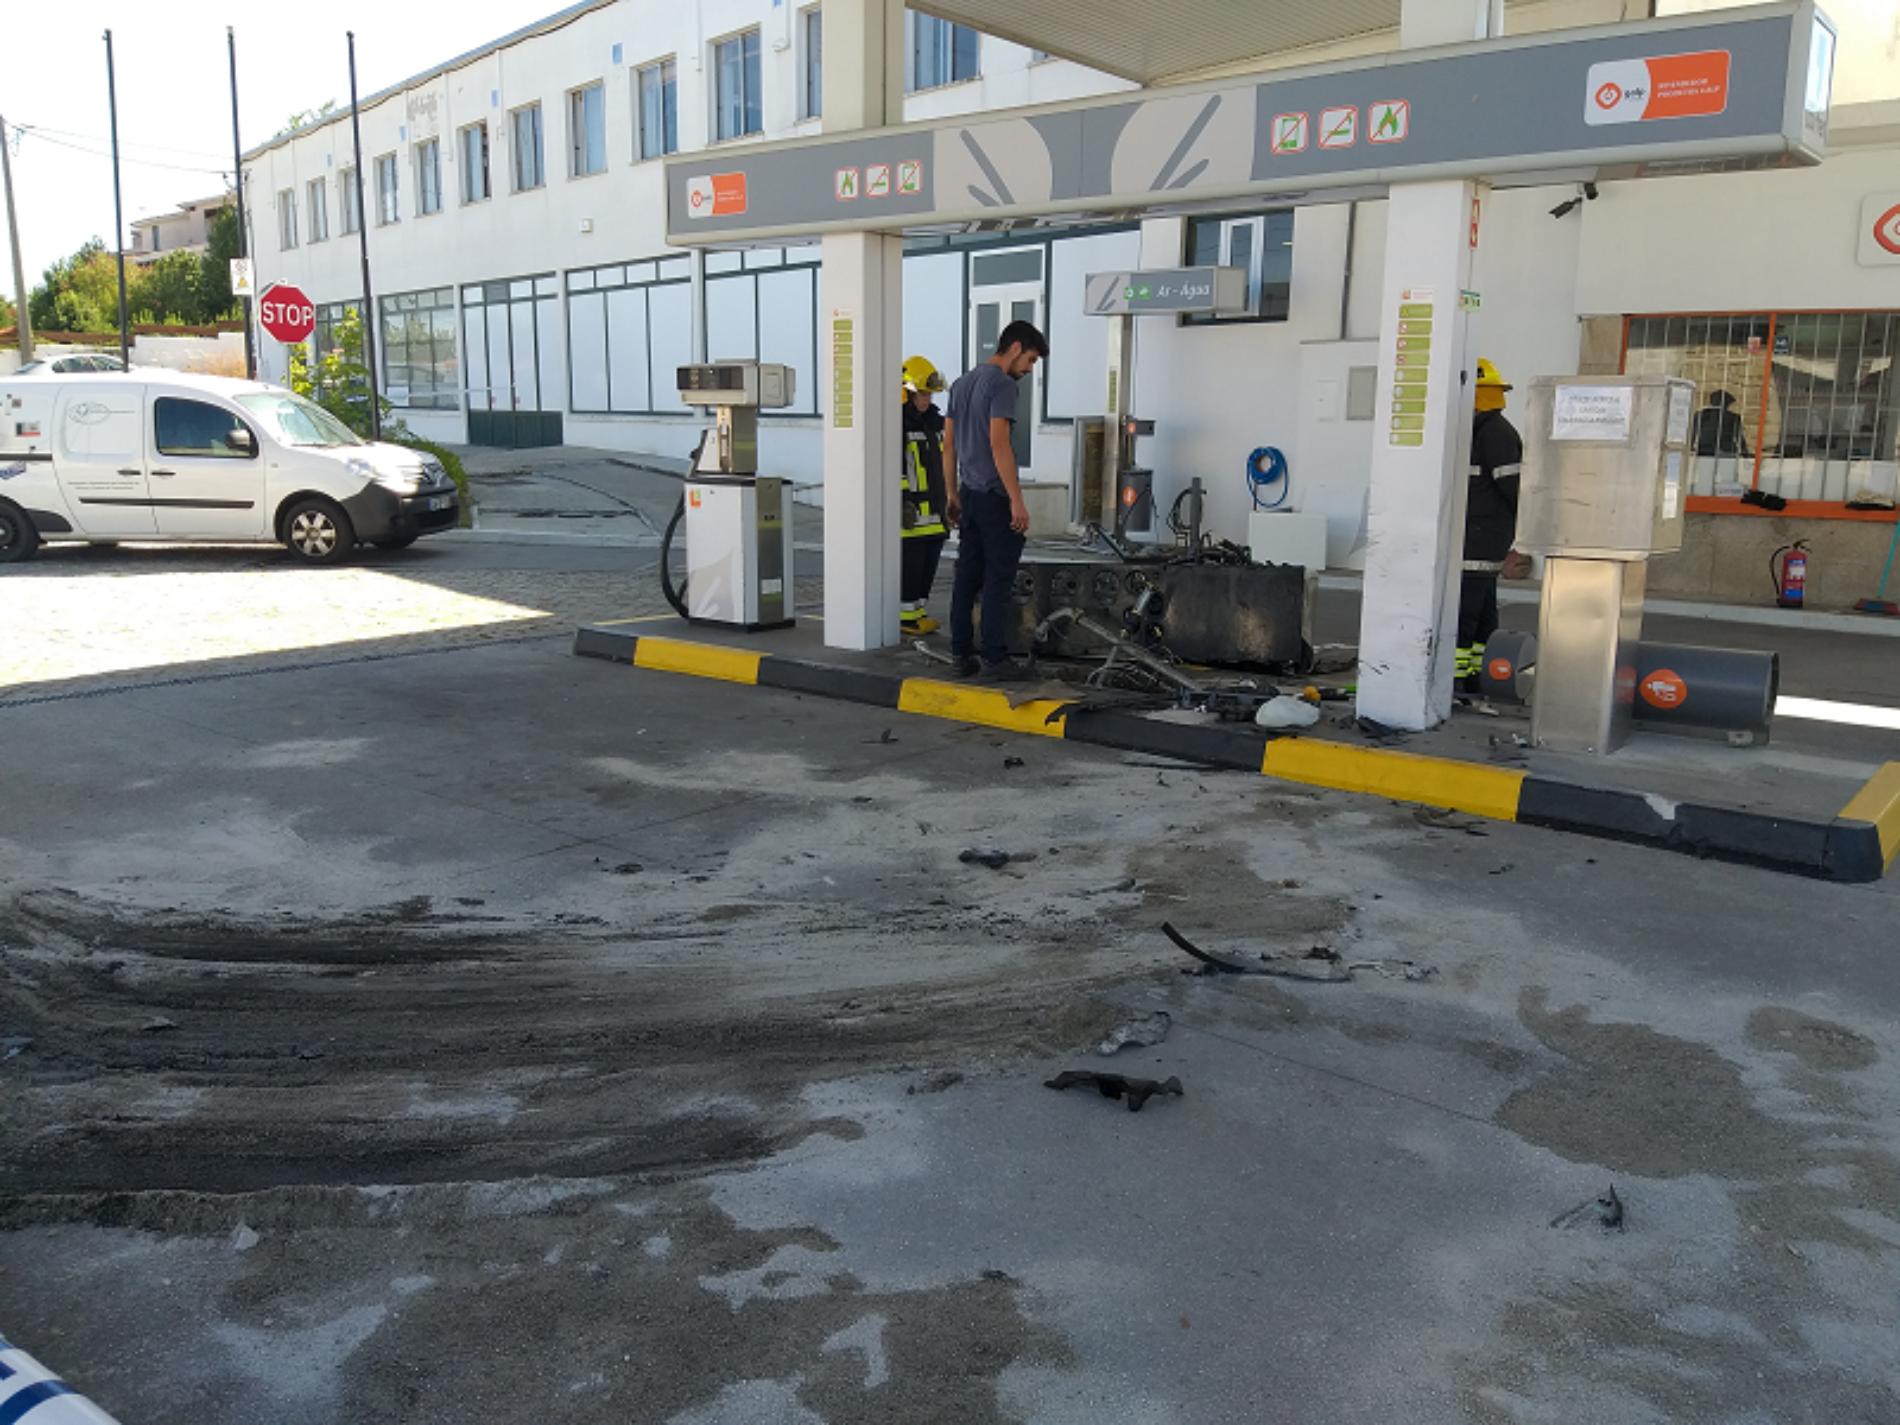 Mulher despista-se e embate contra posto de combustível em Oliveira do Hospital (com vídeo)